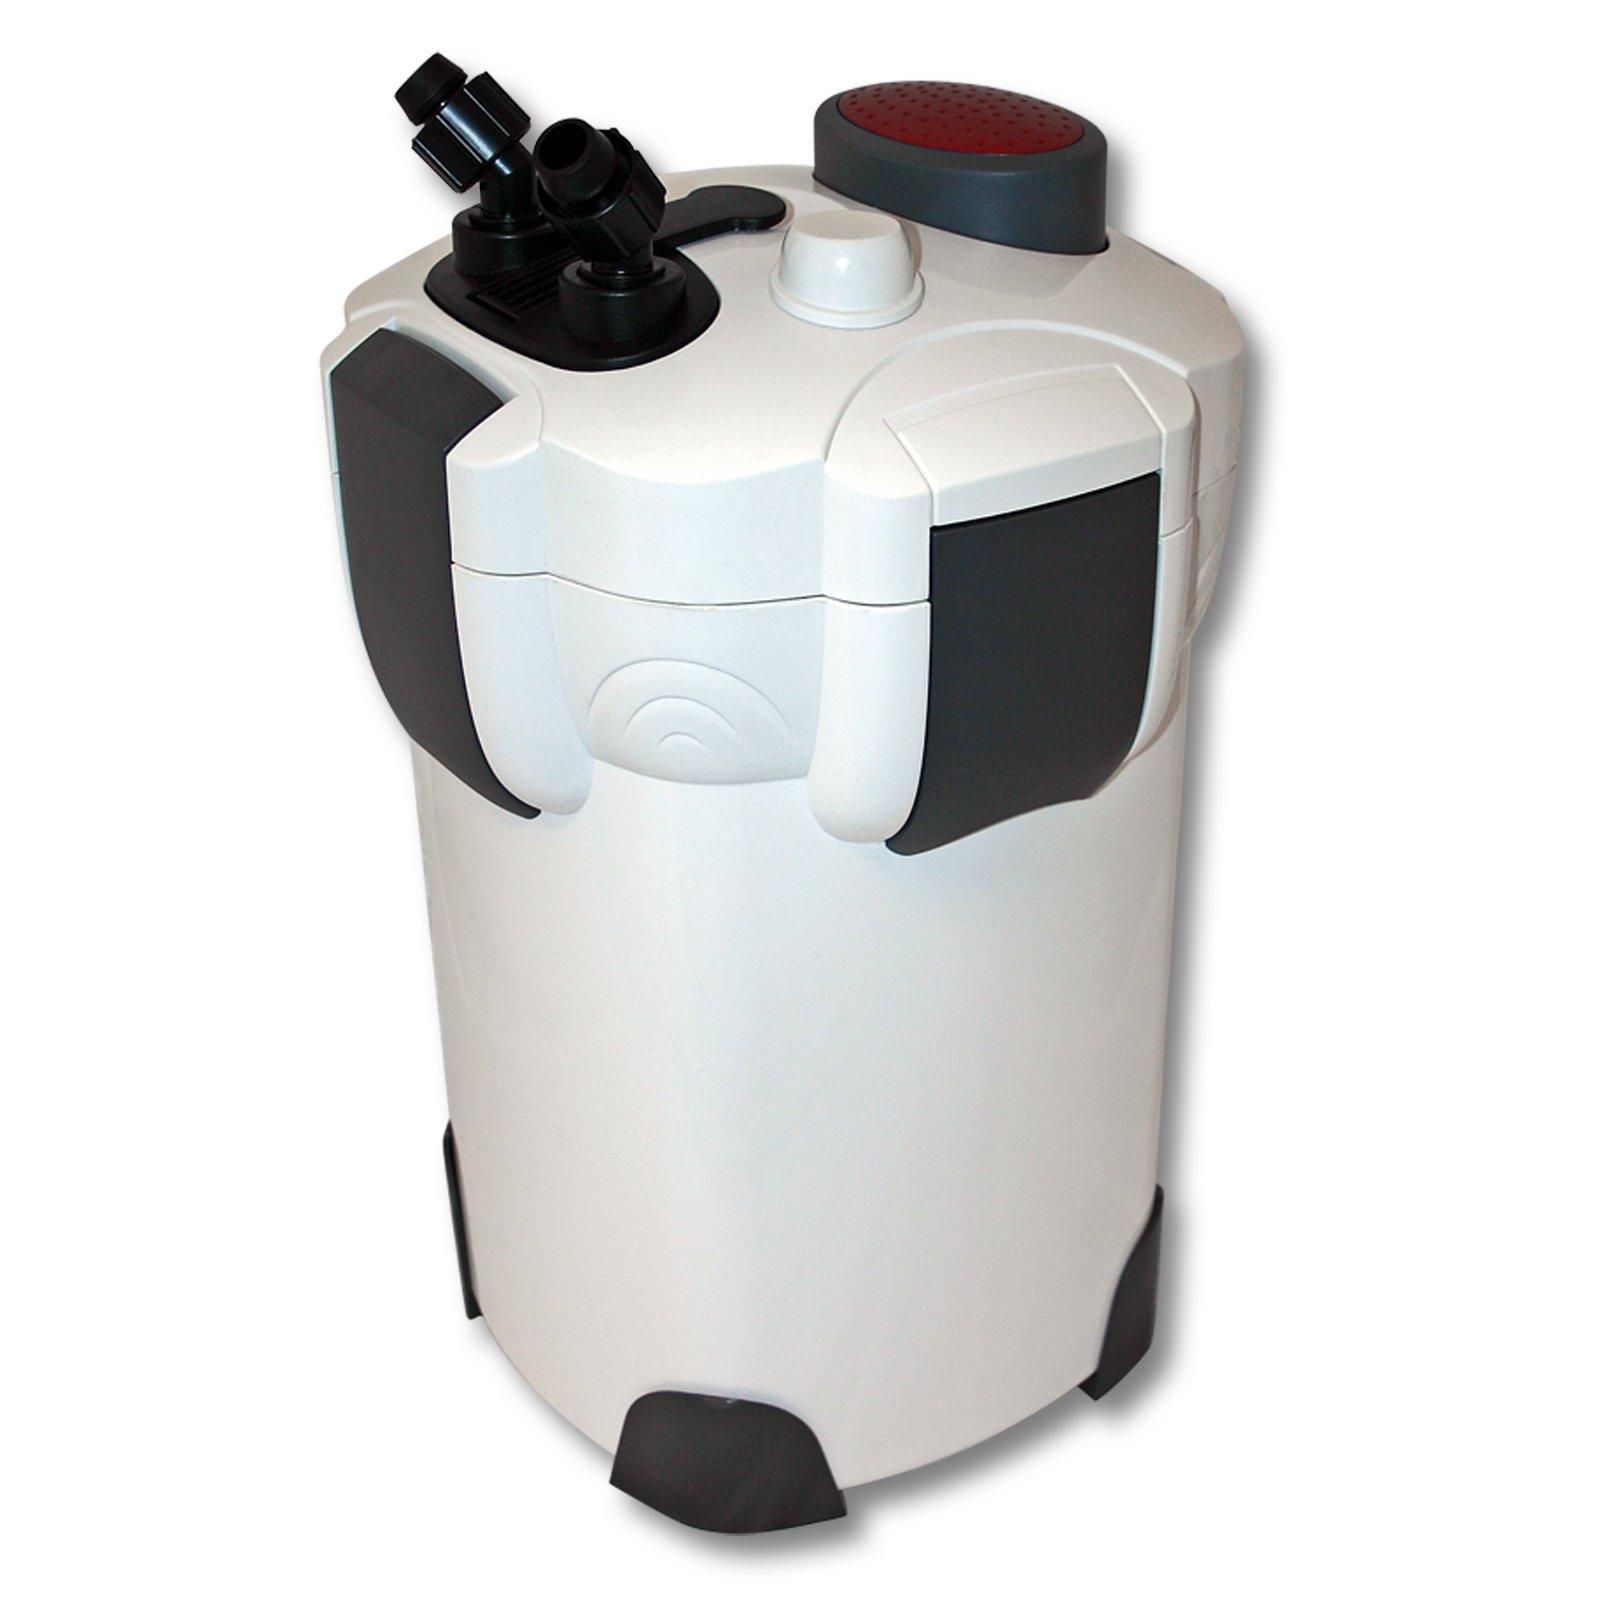 SunSun HW-302 Aquarium bio filtre extérieur 1000l/h 3-Phases Materiaux et Pompe product image